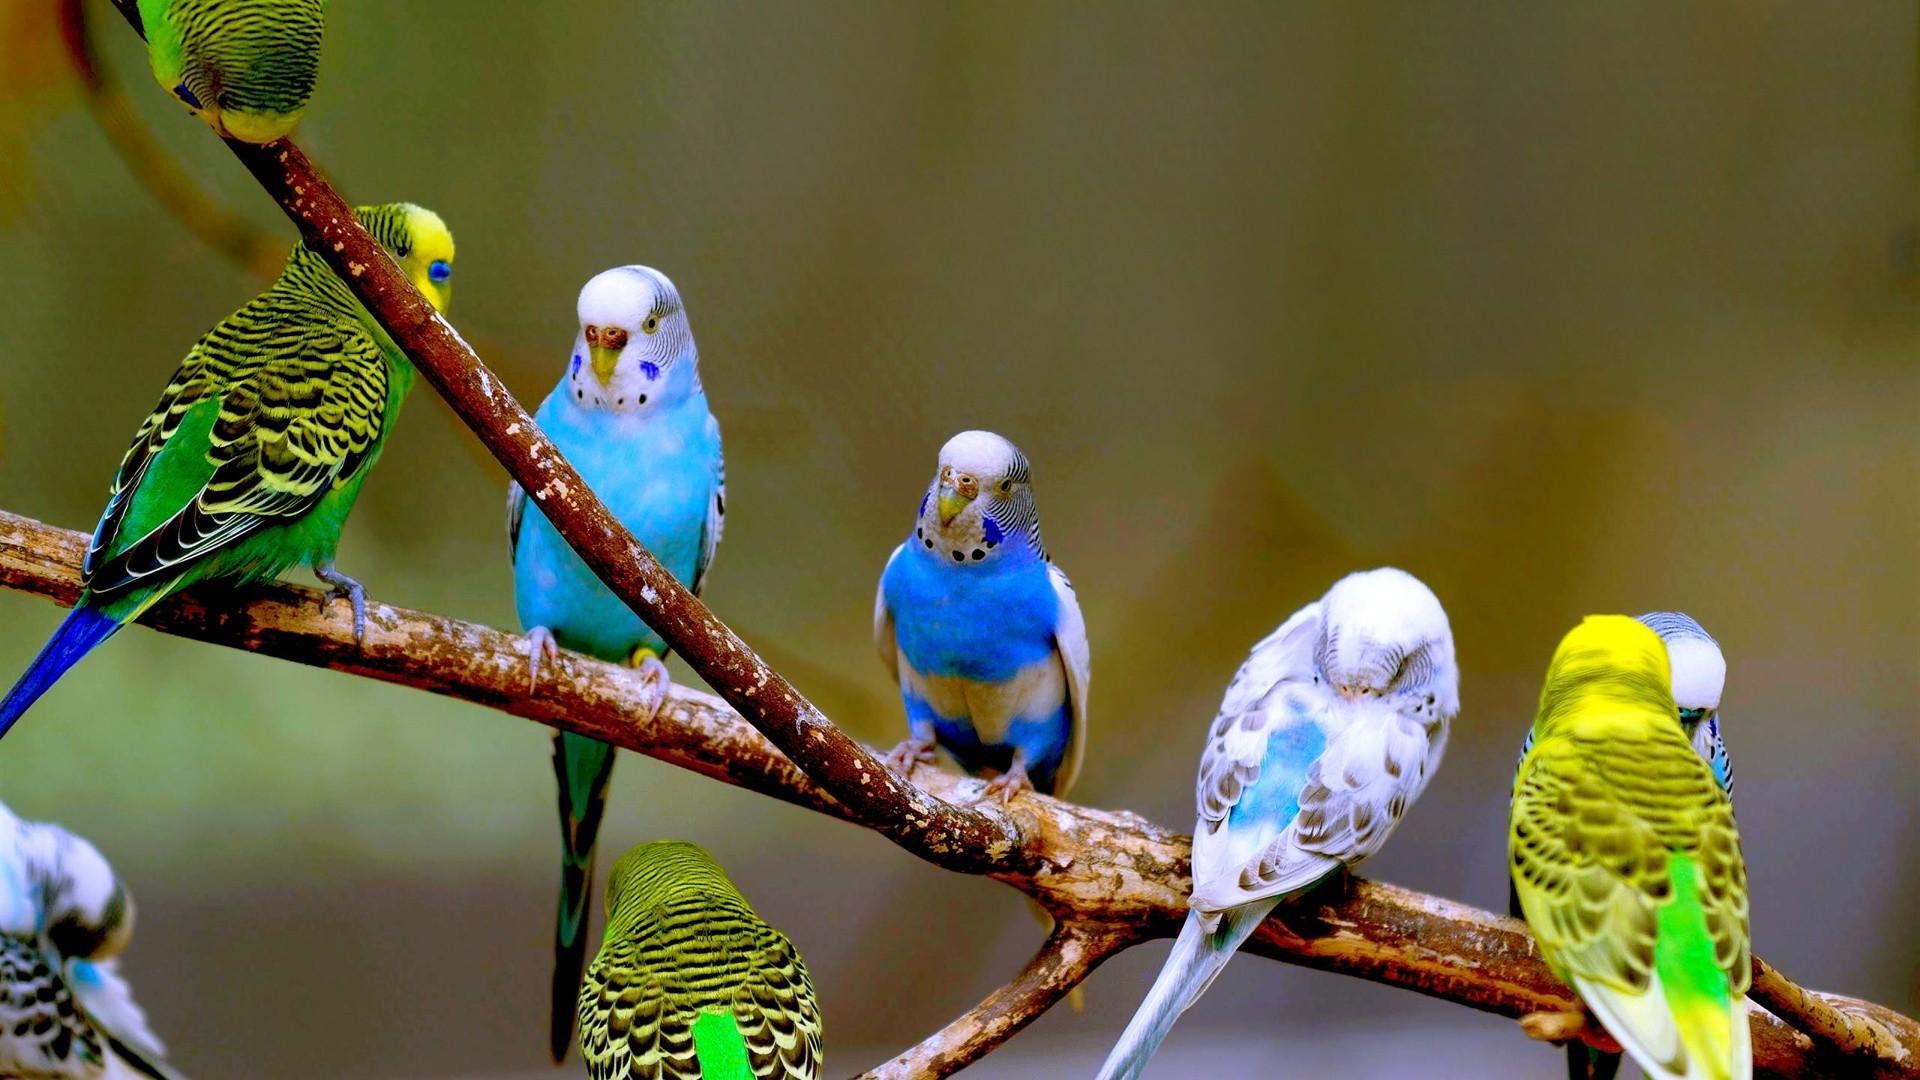 Картинка с попугайчиками, настроение